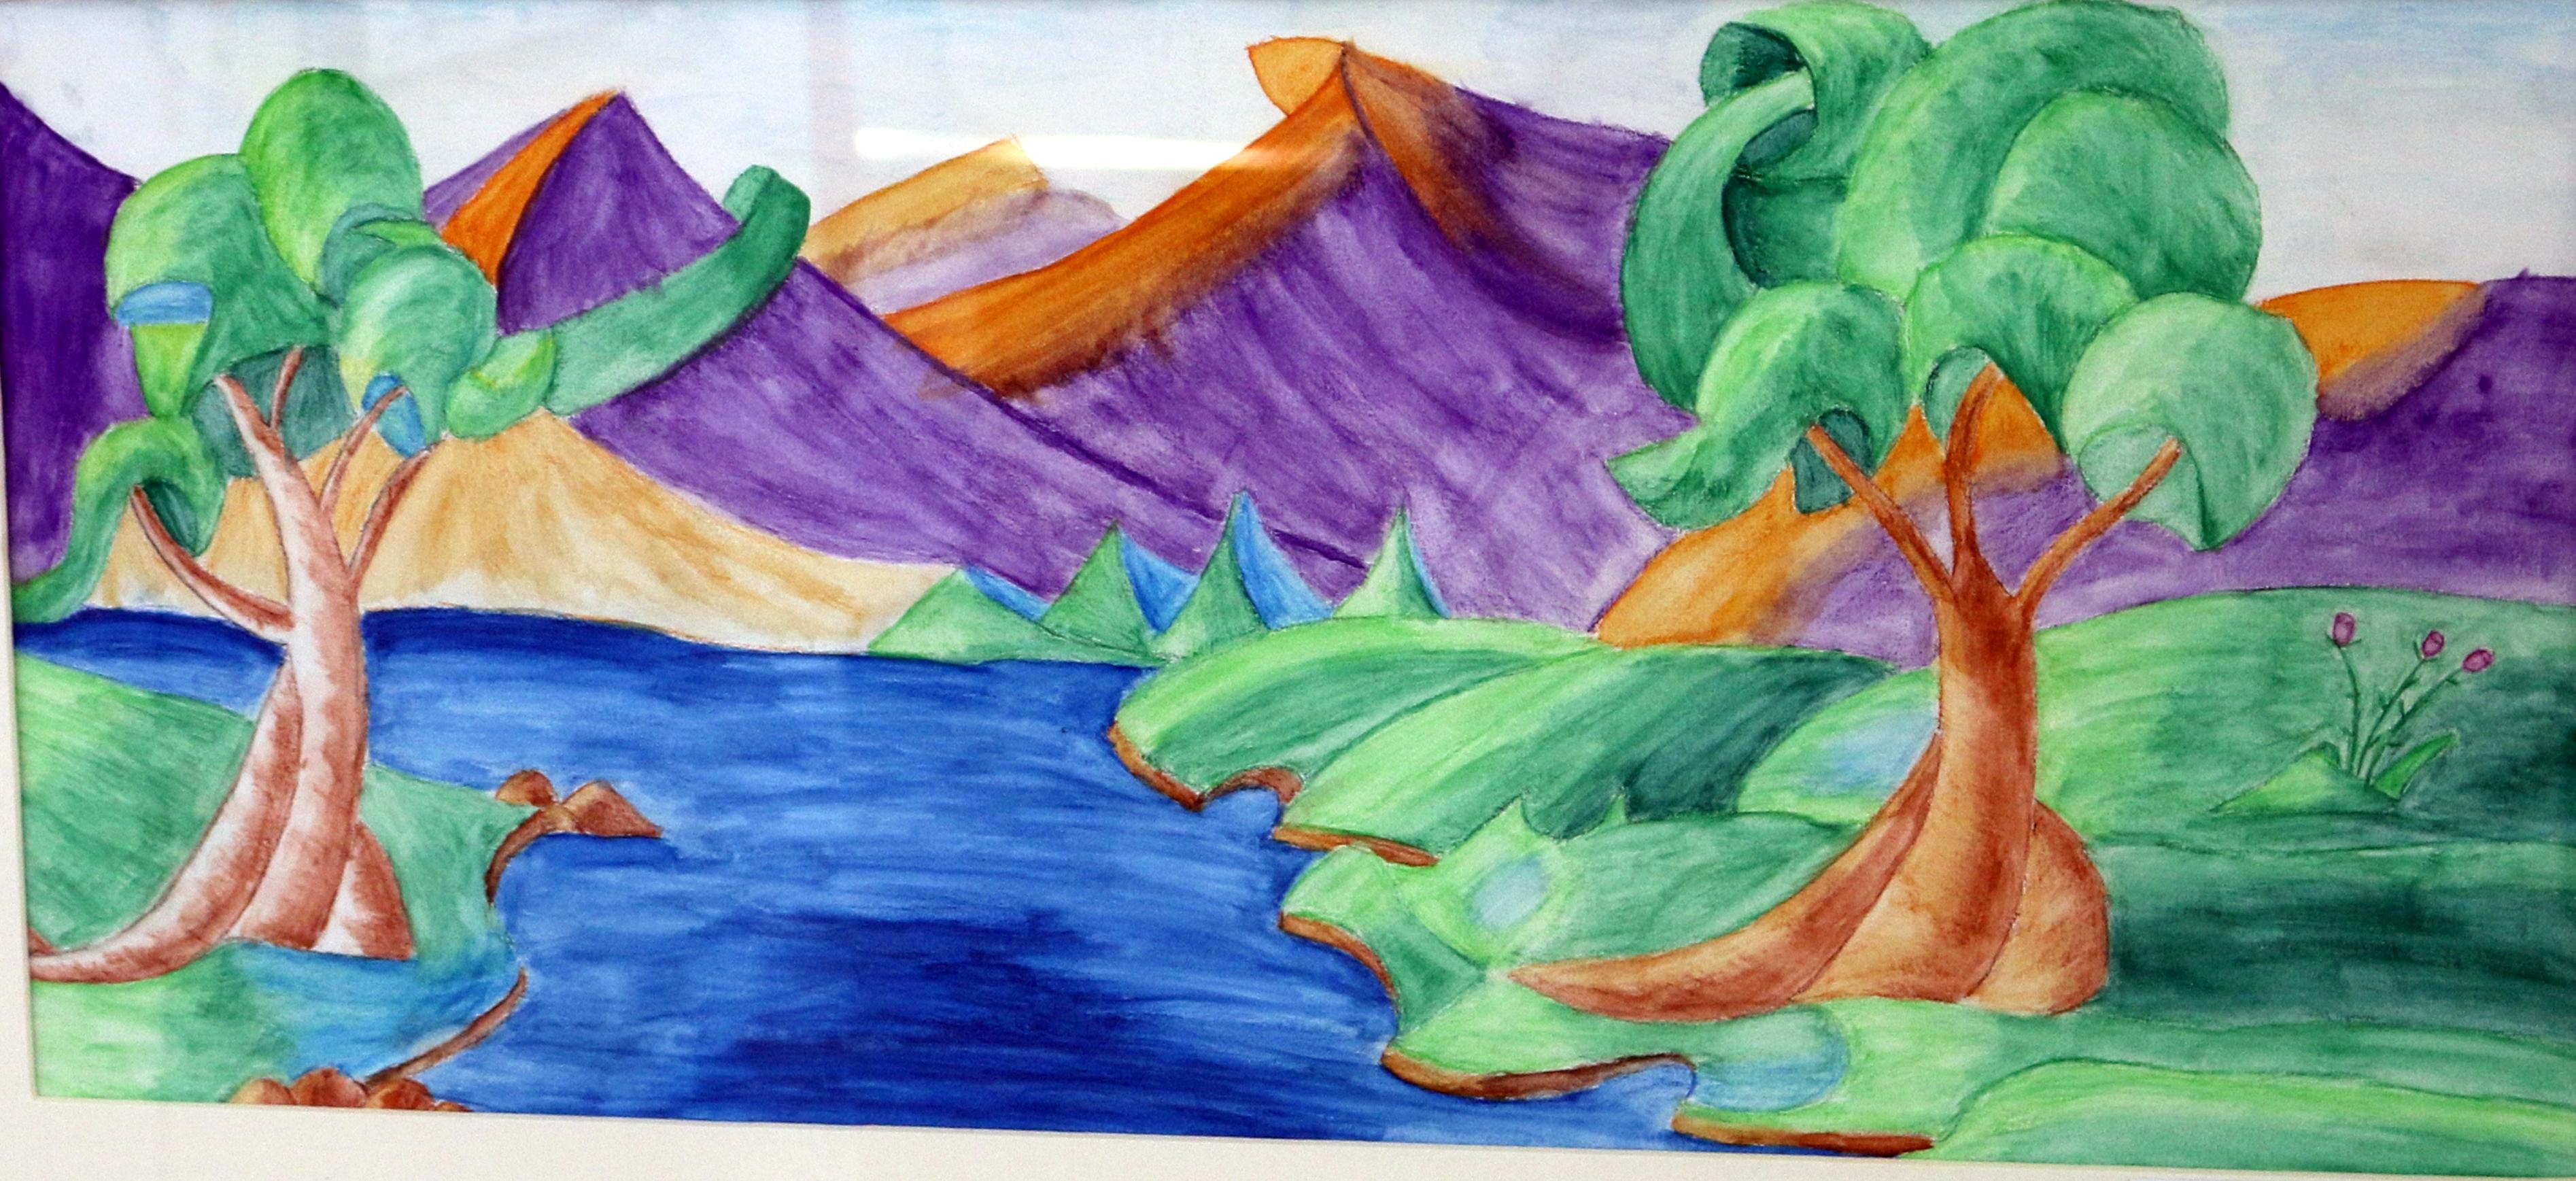 Landschaft in Aquarell